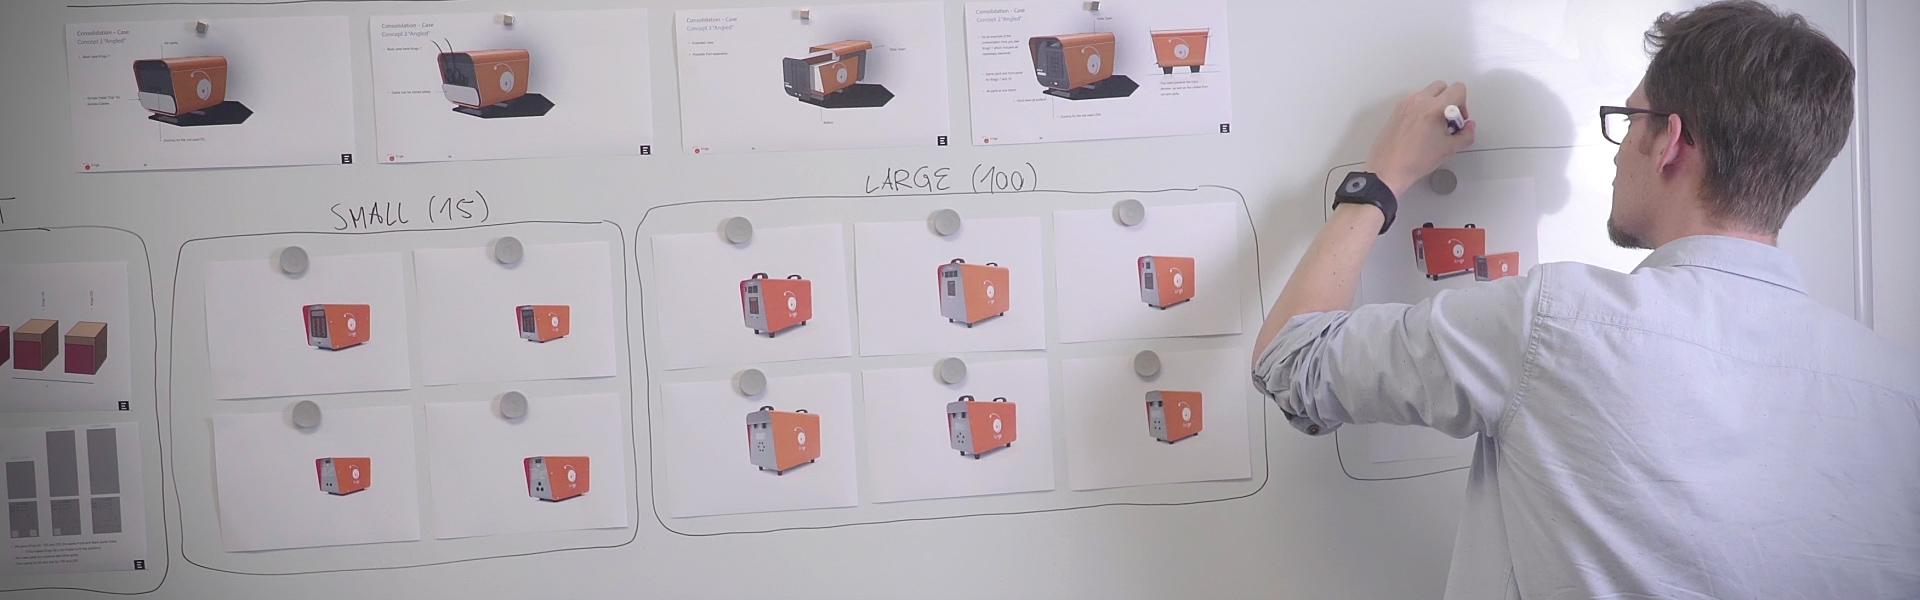 We design better products / bessere produkte